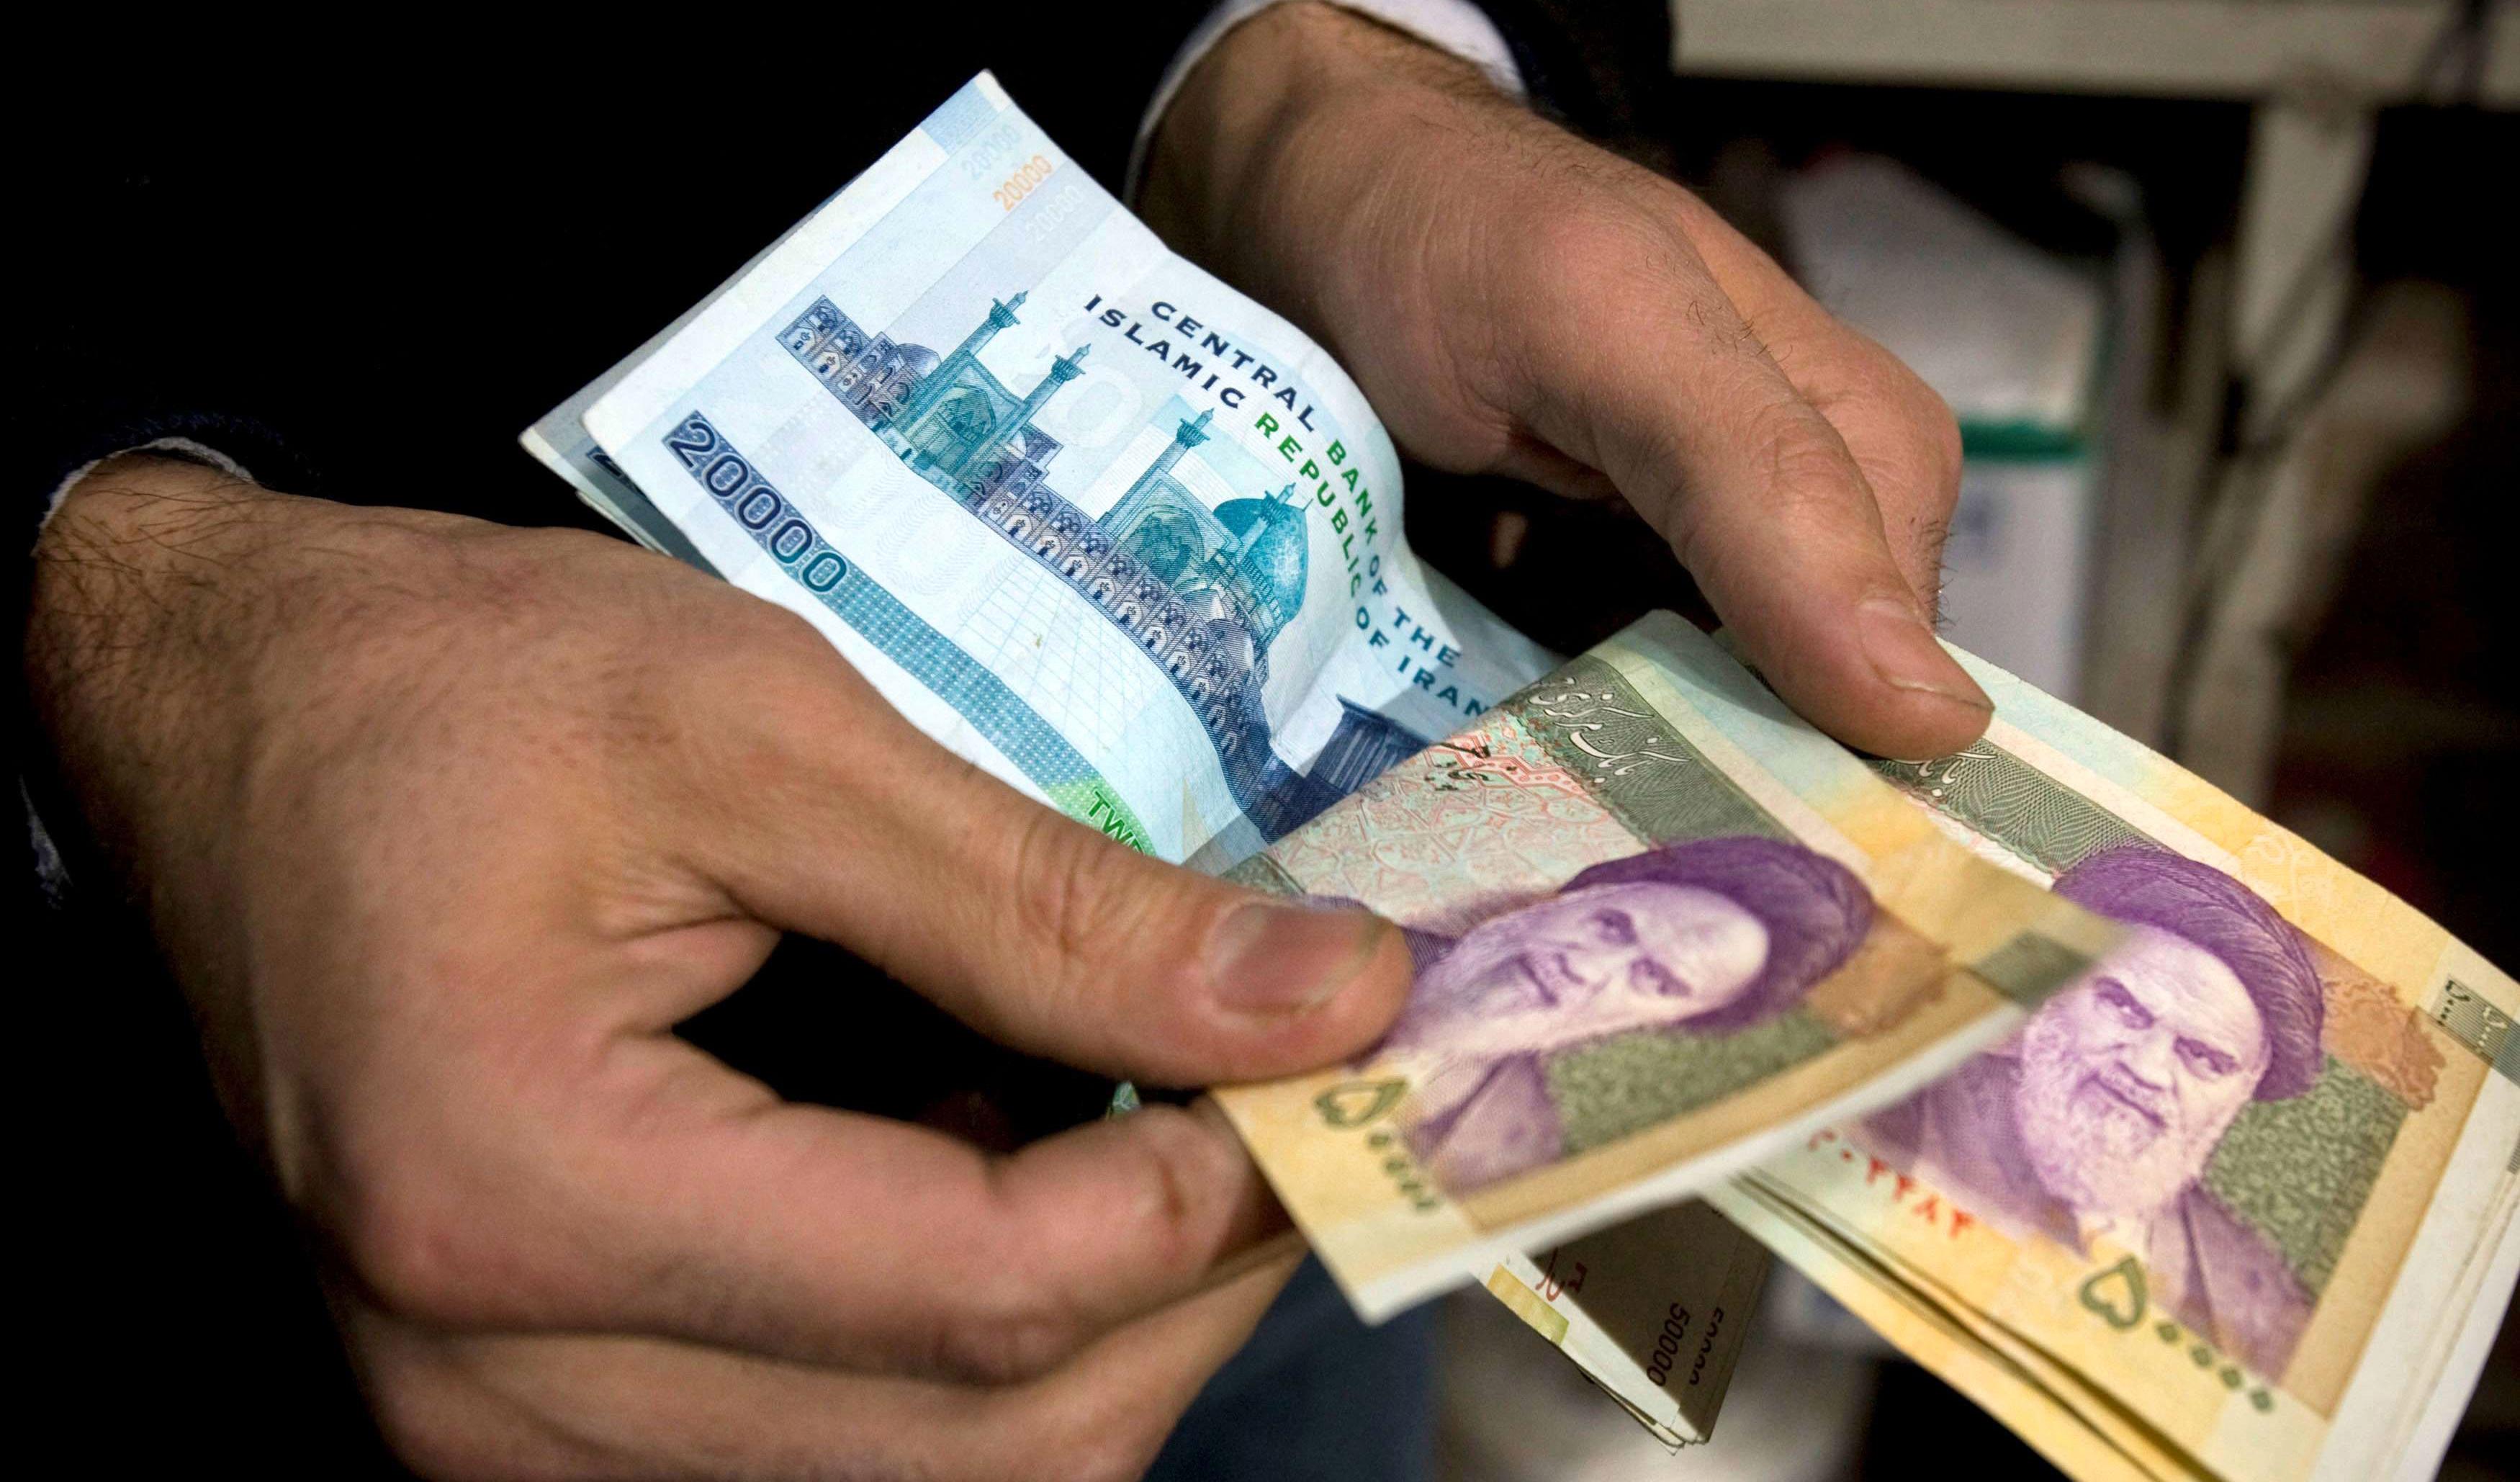 بُن خرید یا واریز نقدی؛ پیشنهادی جایگزین دلار ۴۲۰۰